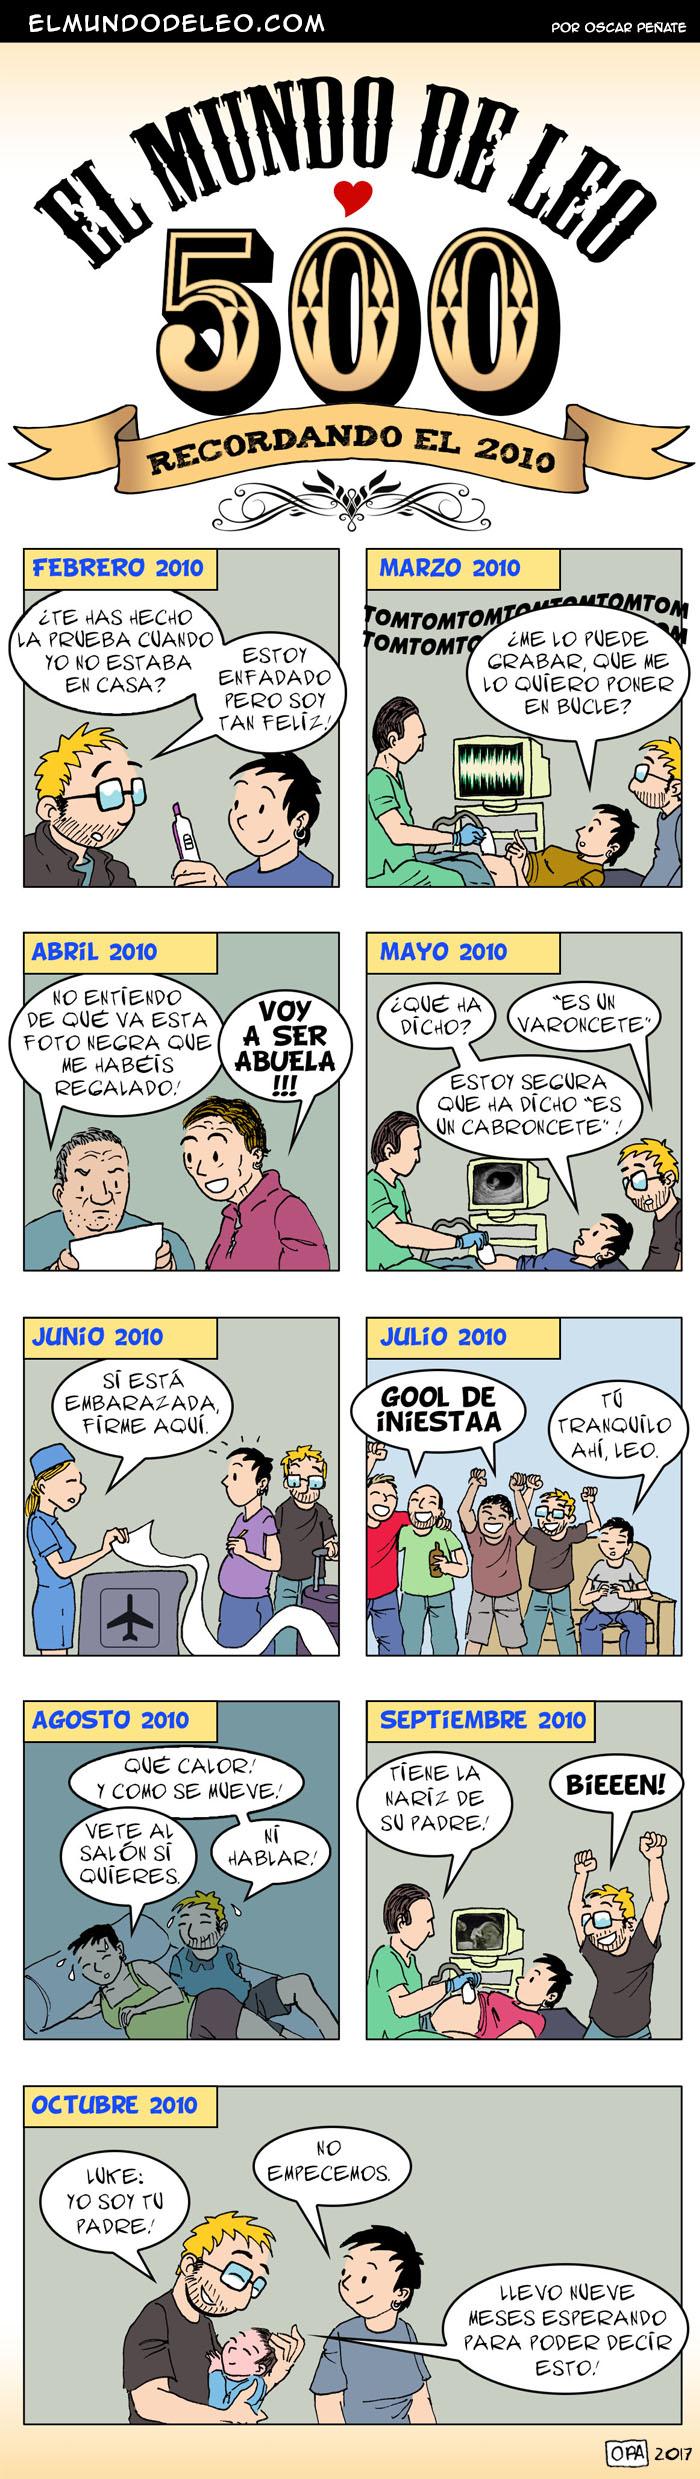 500: Recordando el 2010